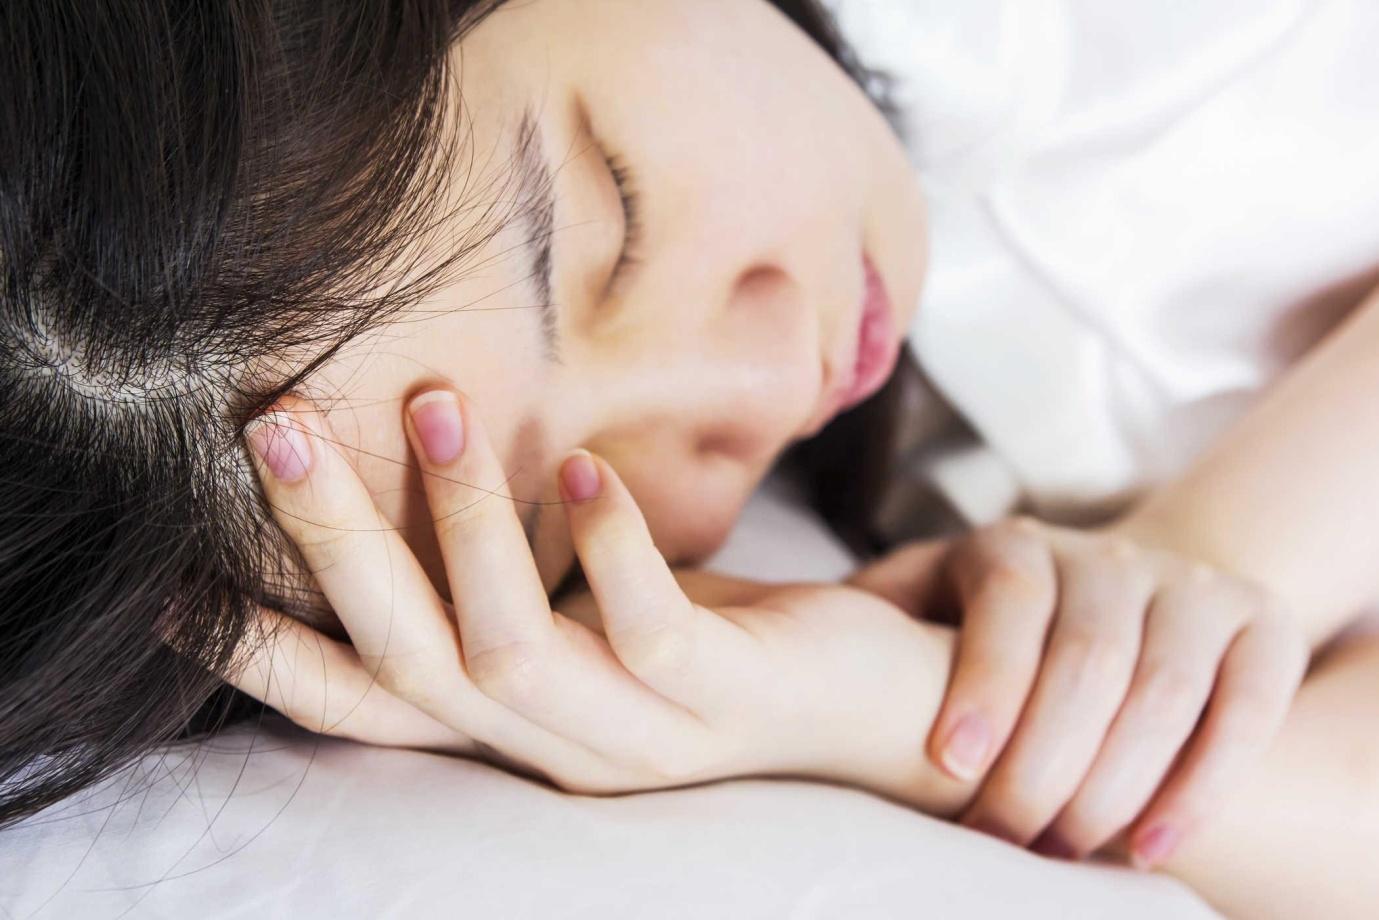 Bệnh trĩ và các biến chứng không lường vì … chủ quan